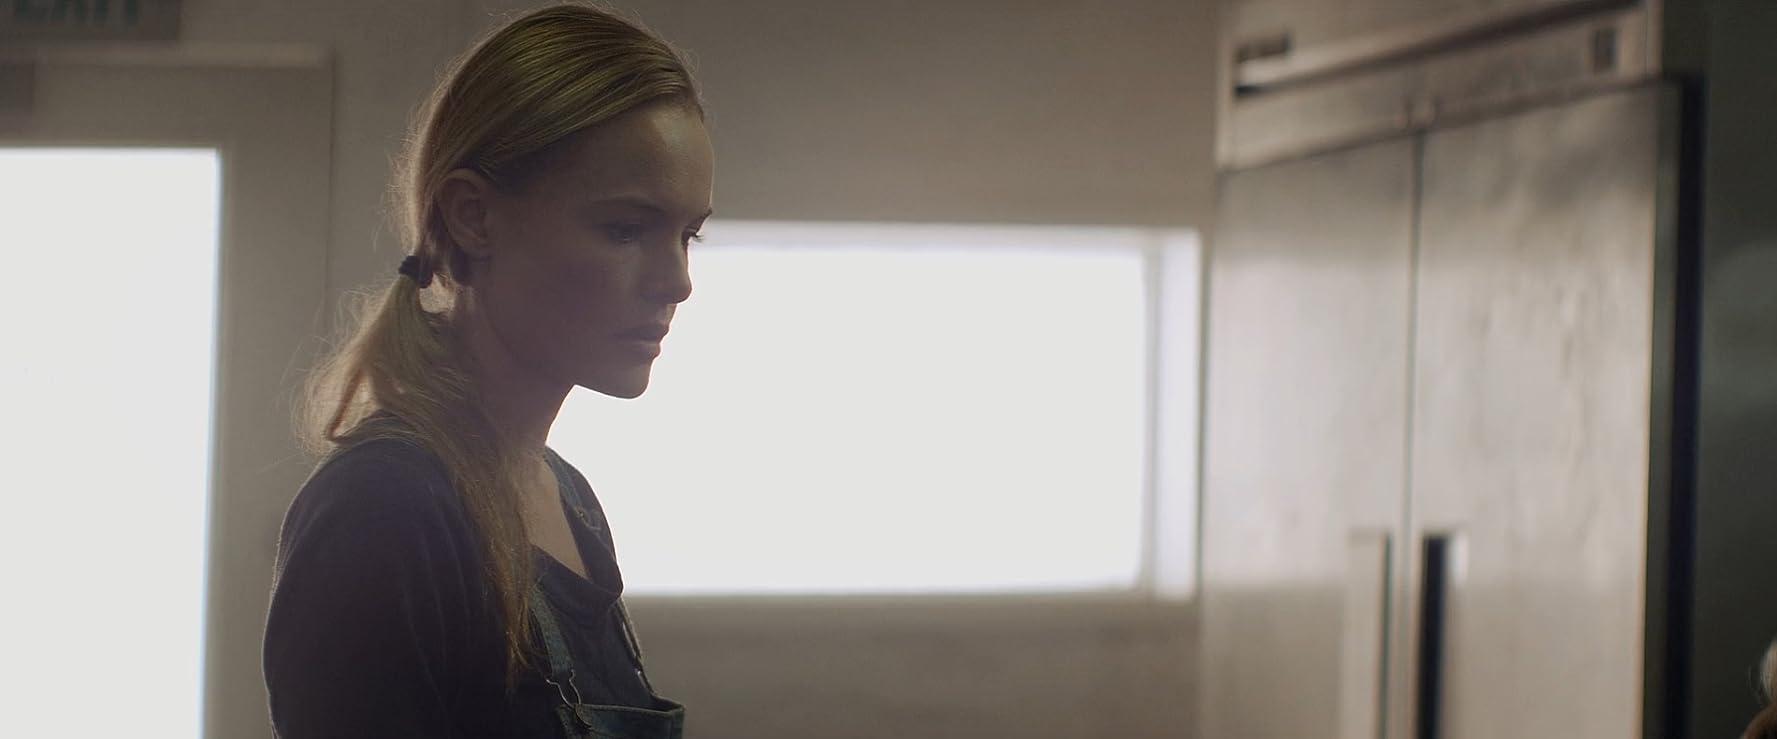 Kate Bosworth in Heist (2015)